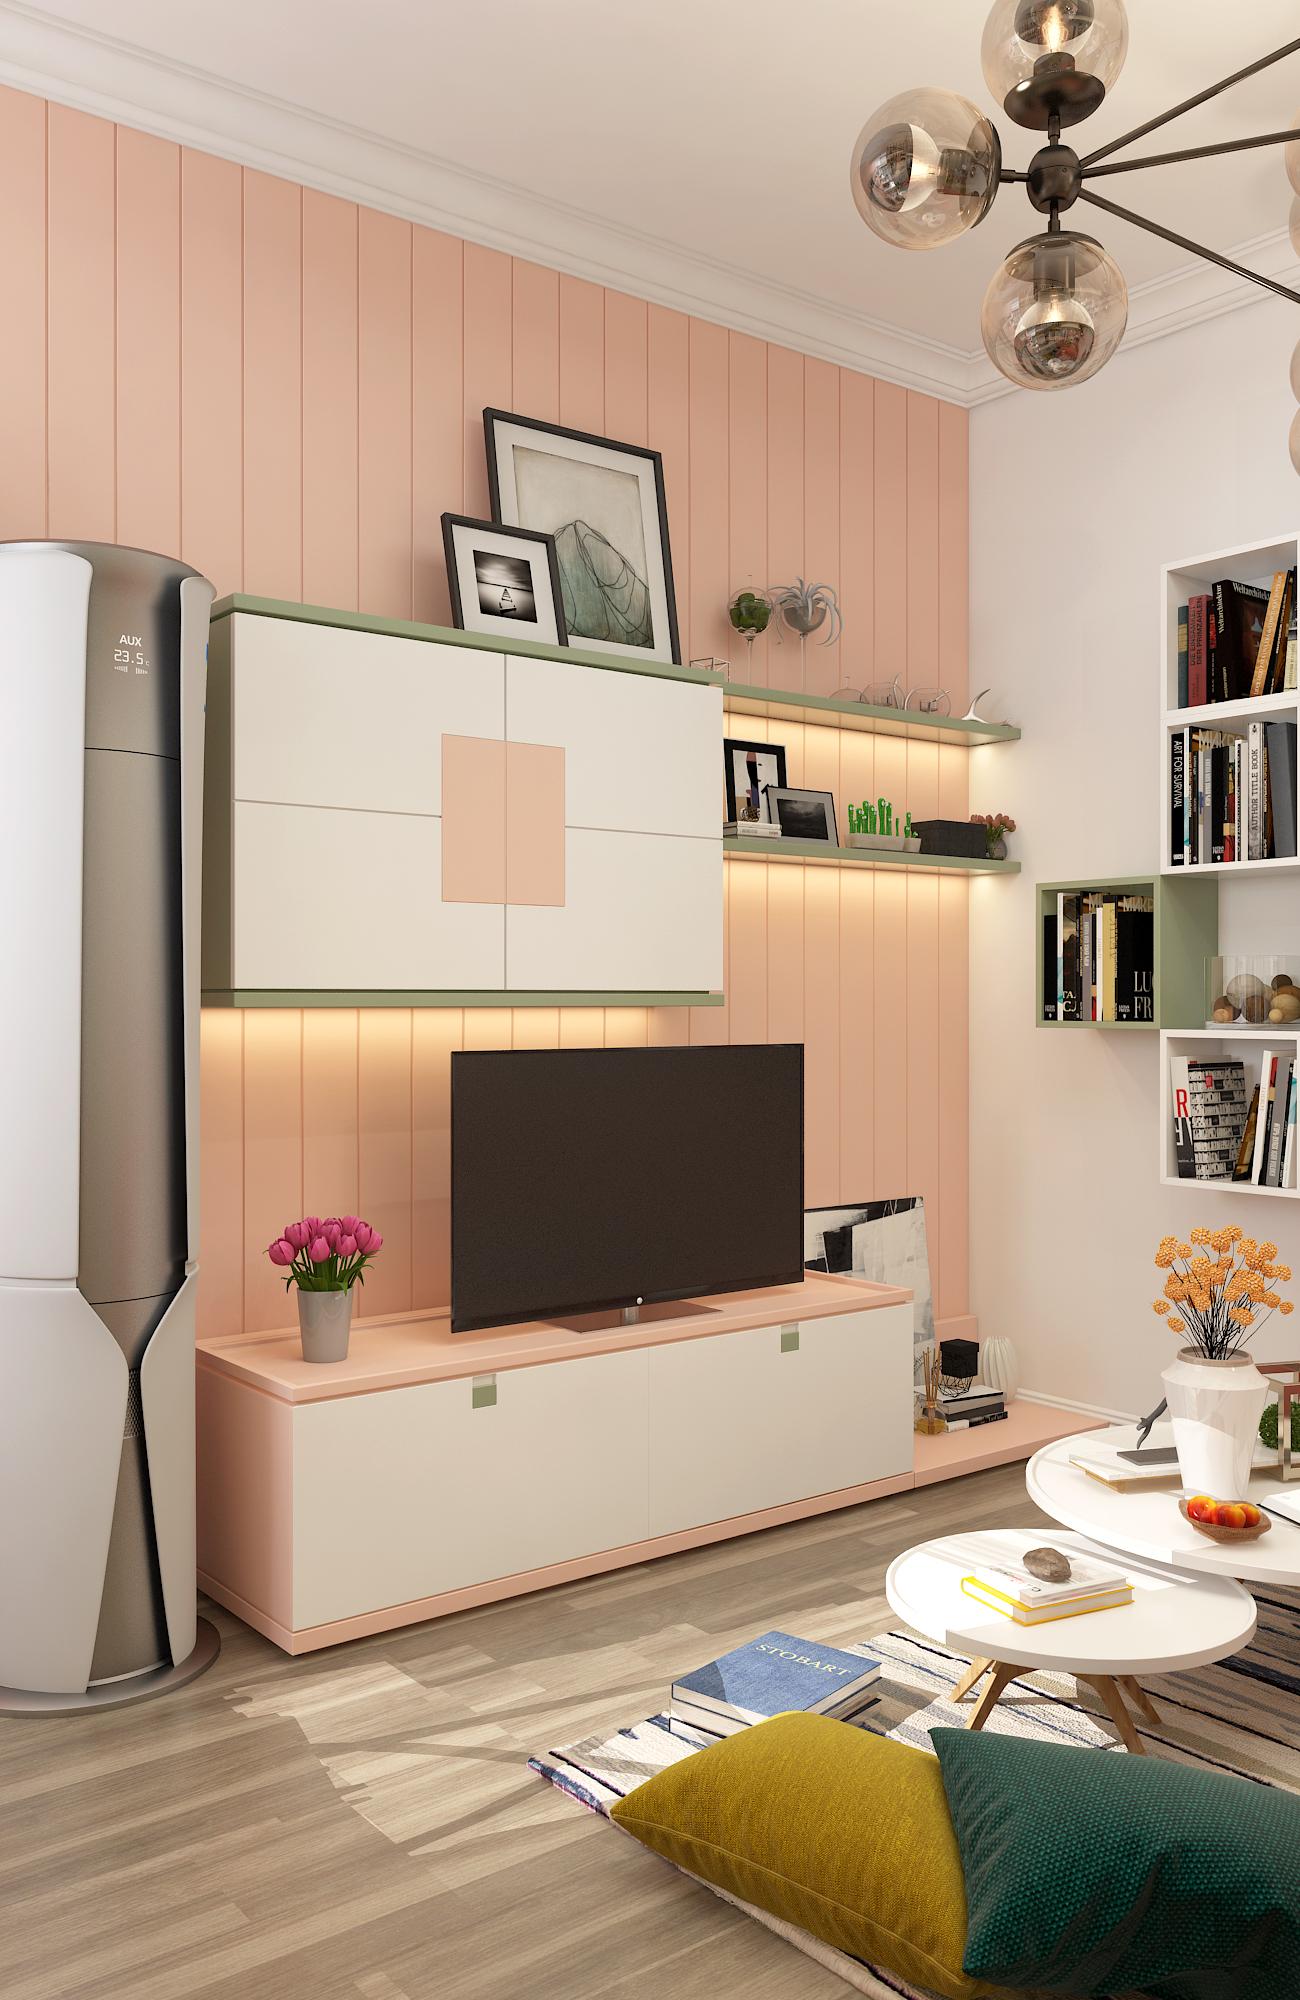 二居室混搭风格家电视背景墙图片